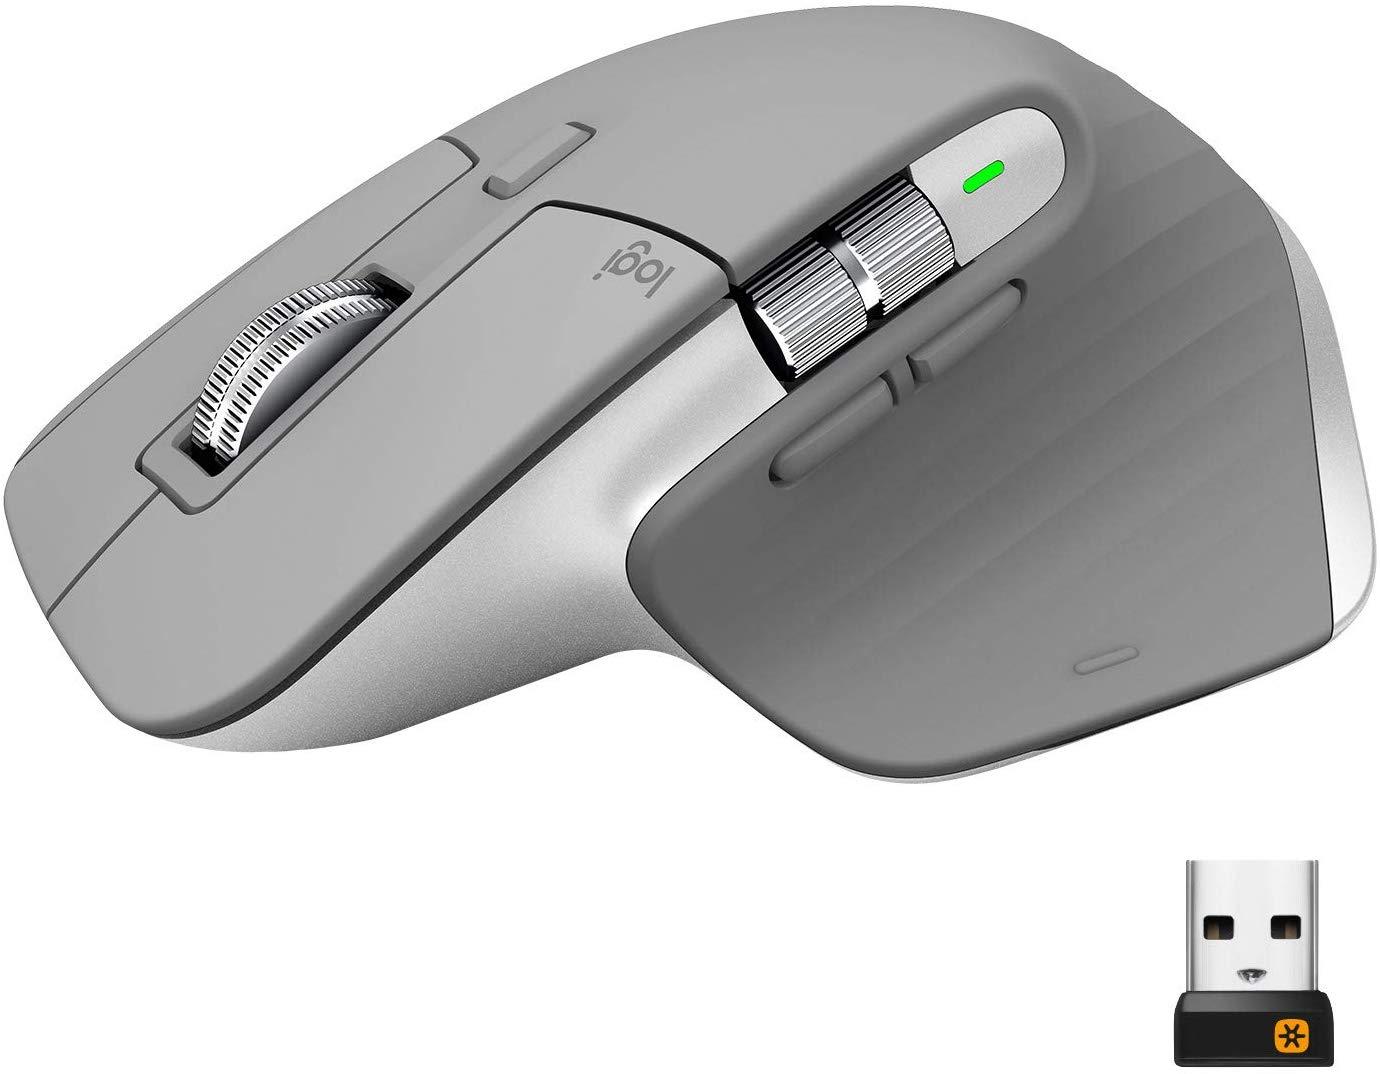 Logitech MX Master 3 Wireless Mouse, Ergonomic, 4000 Dpi, Customisation, USB-C/Bluetooth/USB £84.38 Amazon